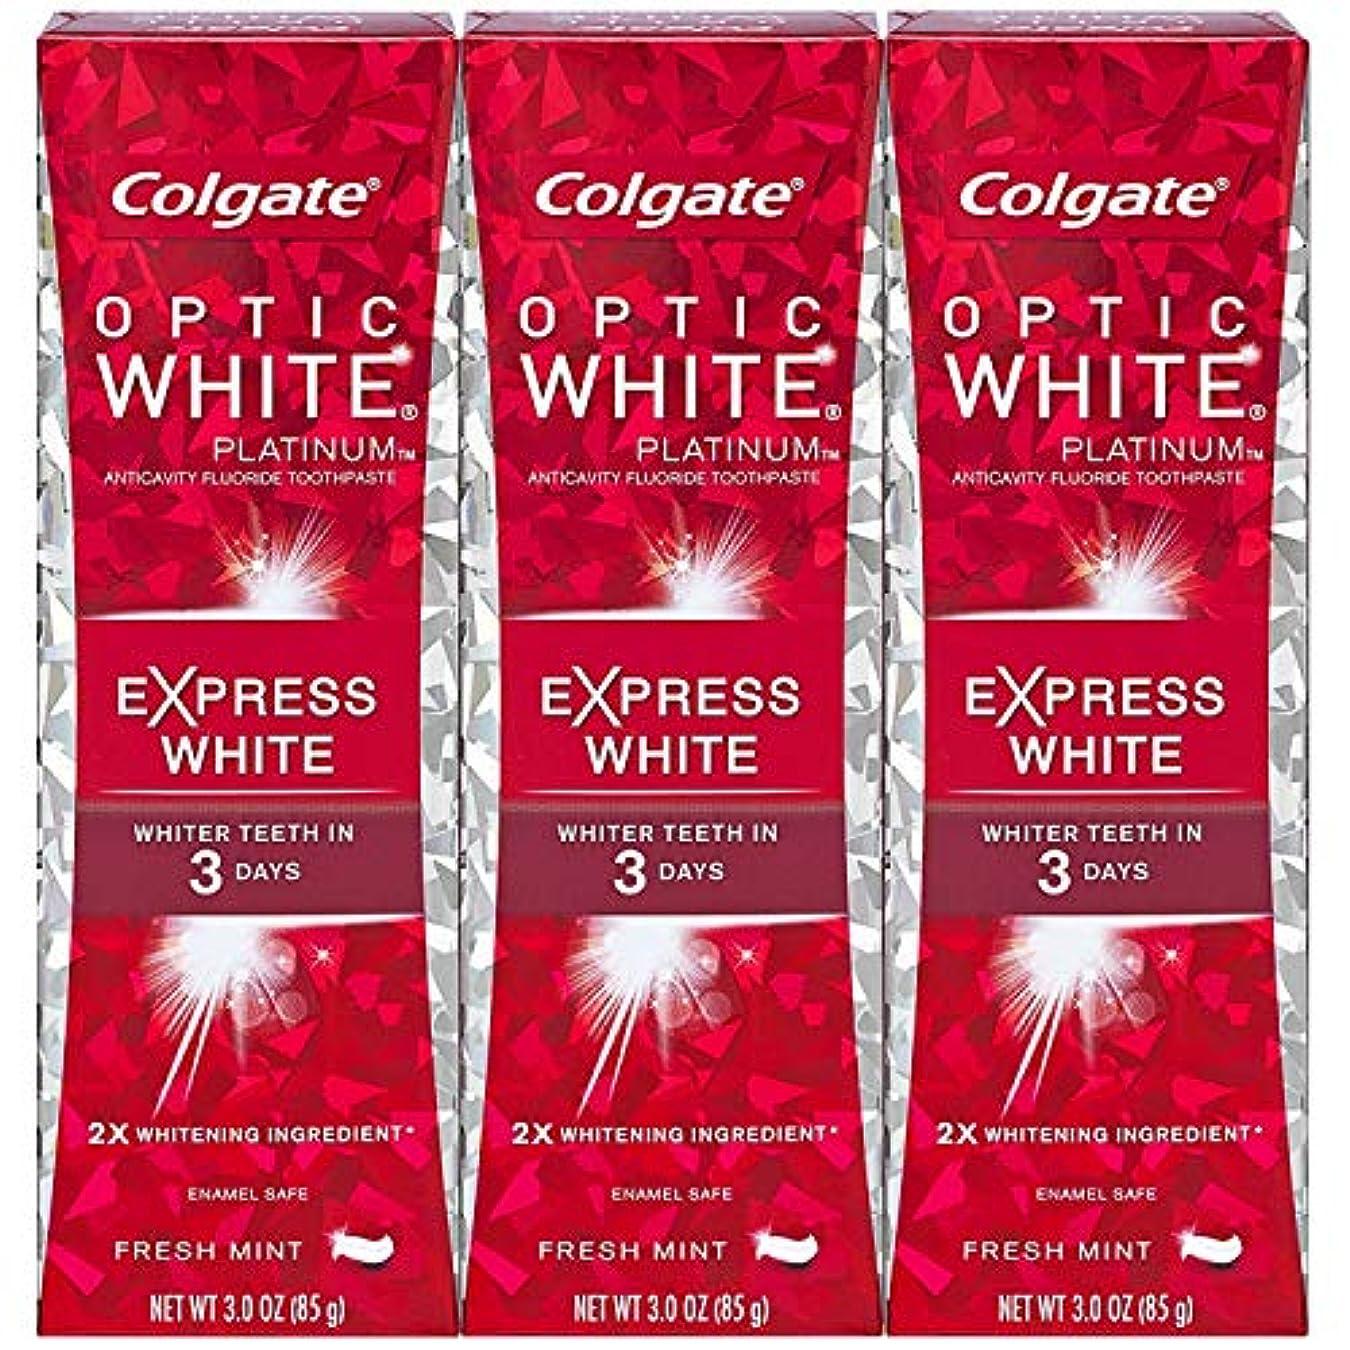 組立行くフリルColgate オプティックホワイトプラチナエクスプレス白の歯磨き粉、フレッシュミント3オズ(3パック)